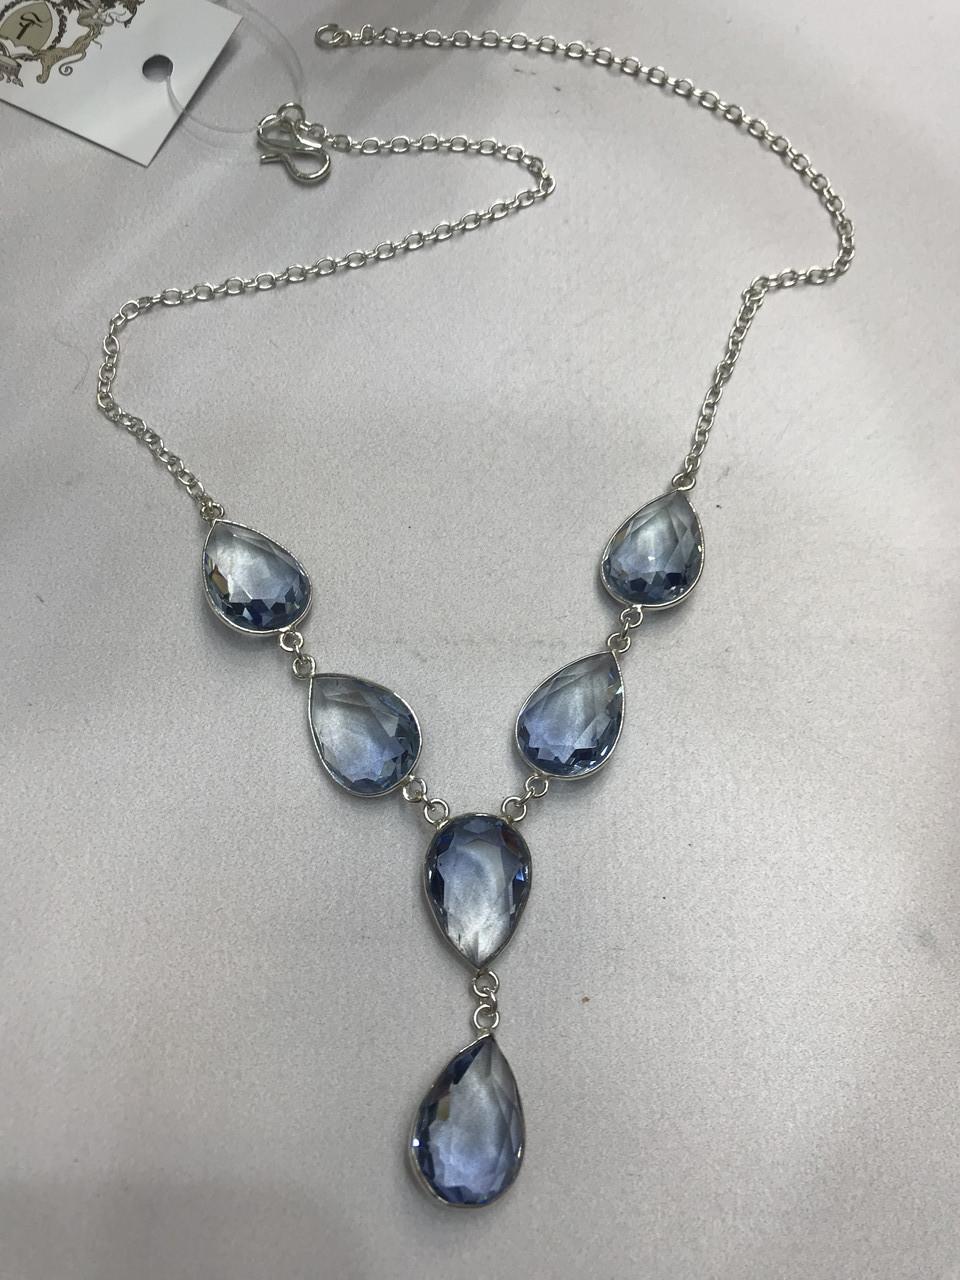 Аквамарин намисто з аквамарином намисто з каменем аквамарин в сріблі Індія